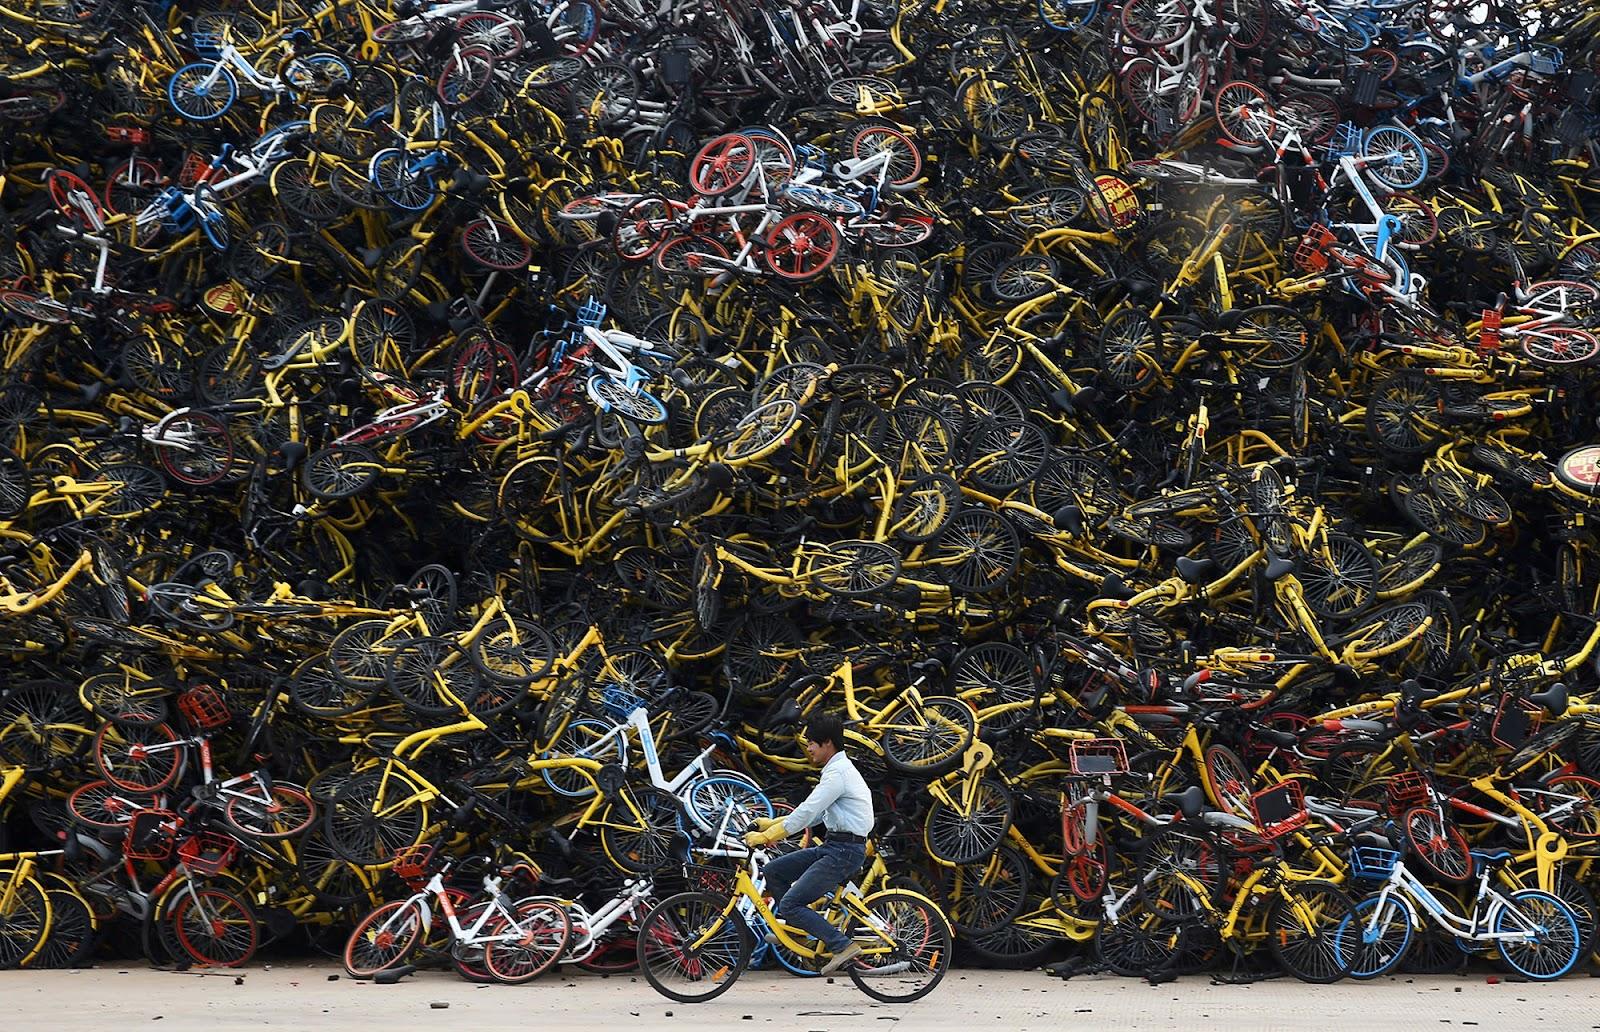 patinetes compartilhadas e bicicletas compartilhadas mortas em cemitério na China.